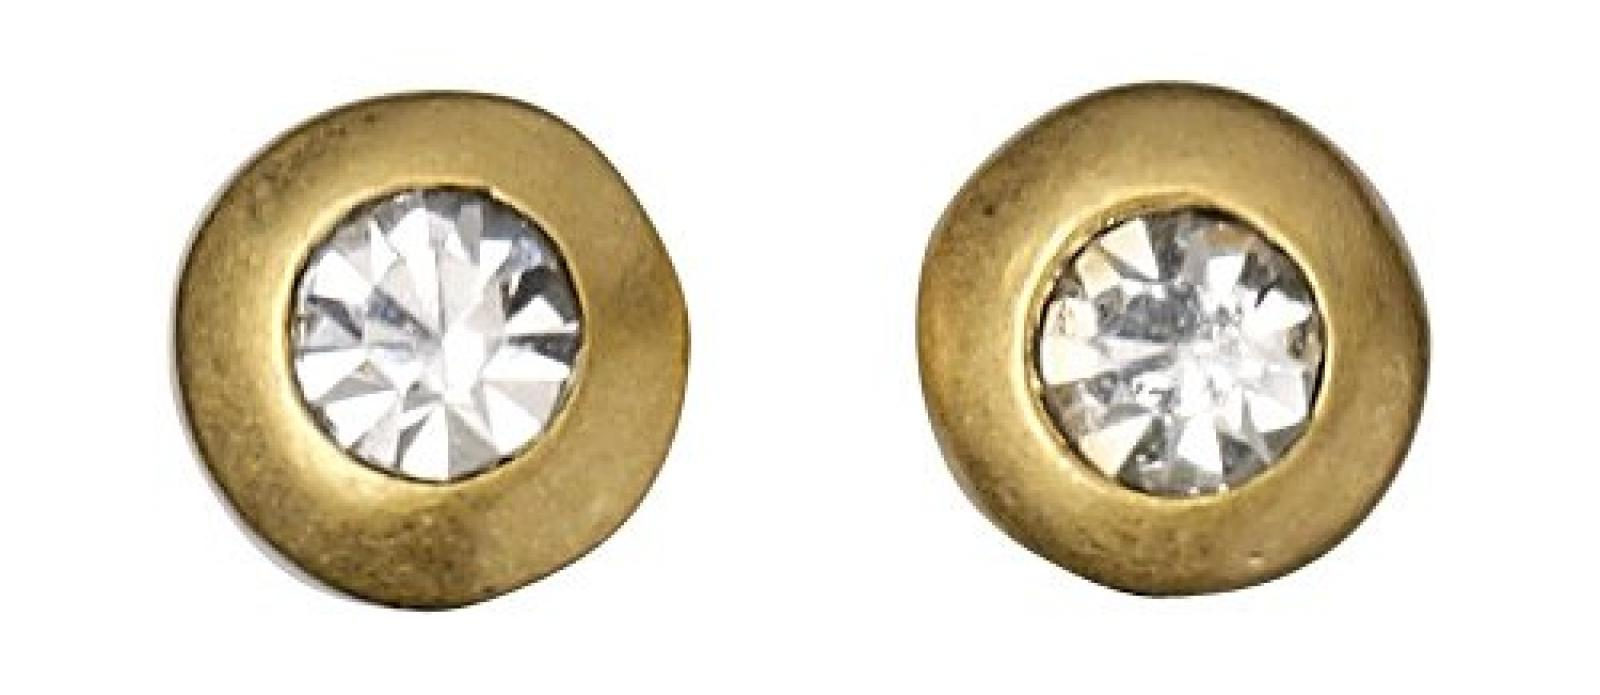 Pilgrim Jewelry Damen-Ohrstecker aus der Serie Classic vergoldet weiß 0.6 cm 601312013